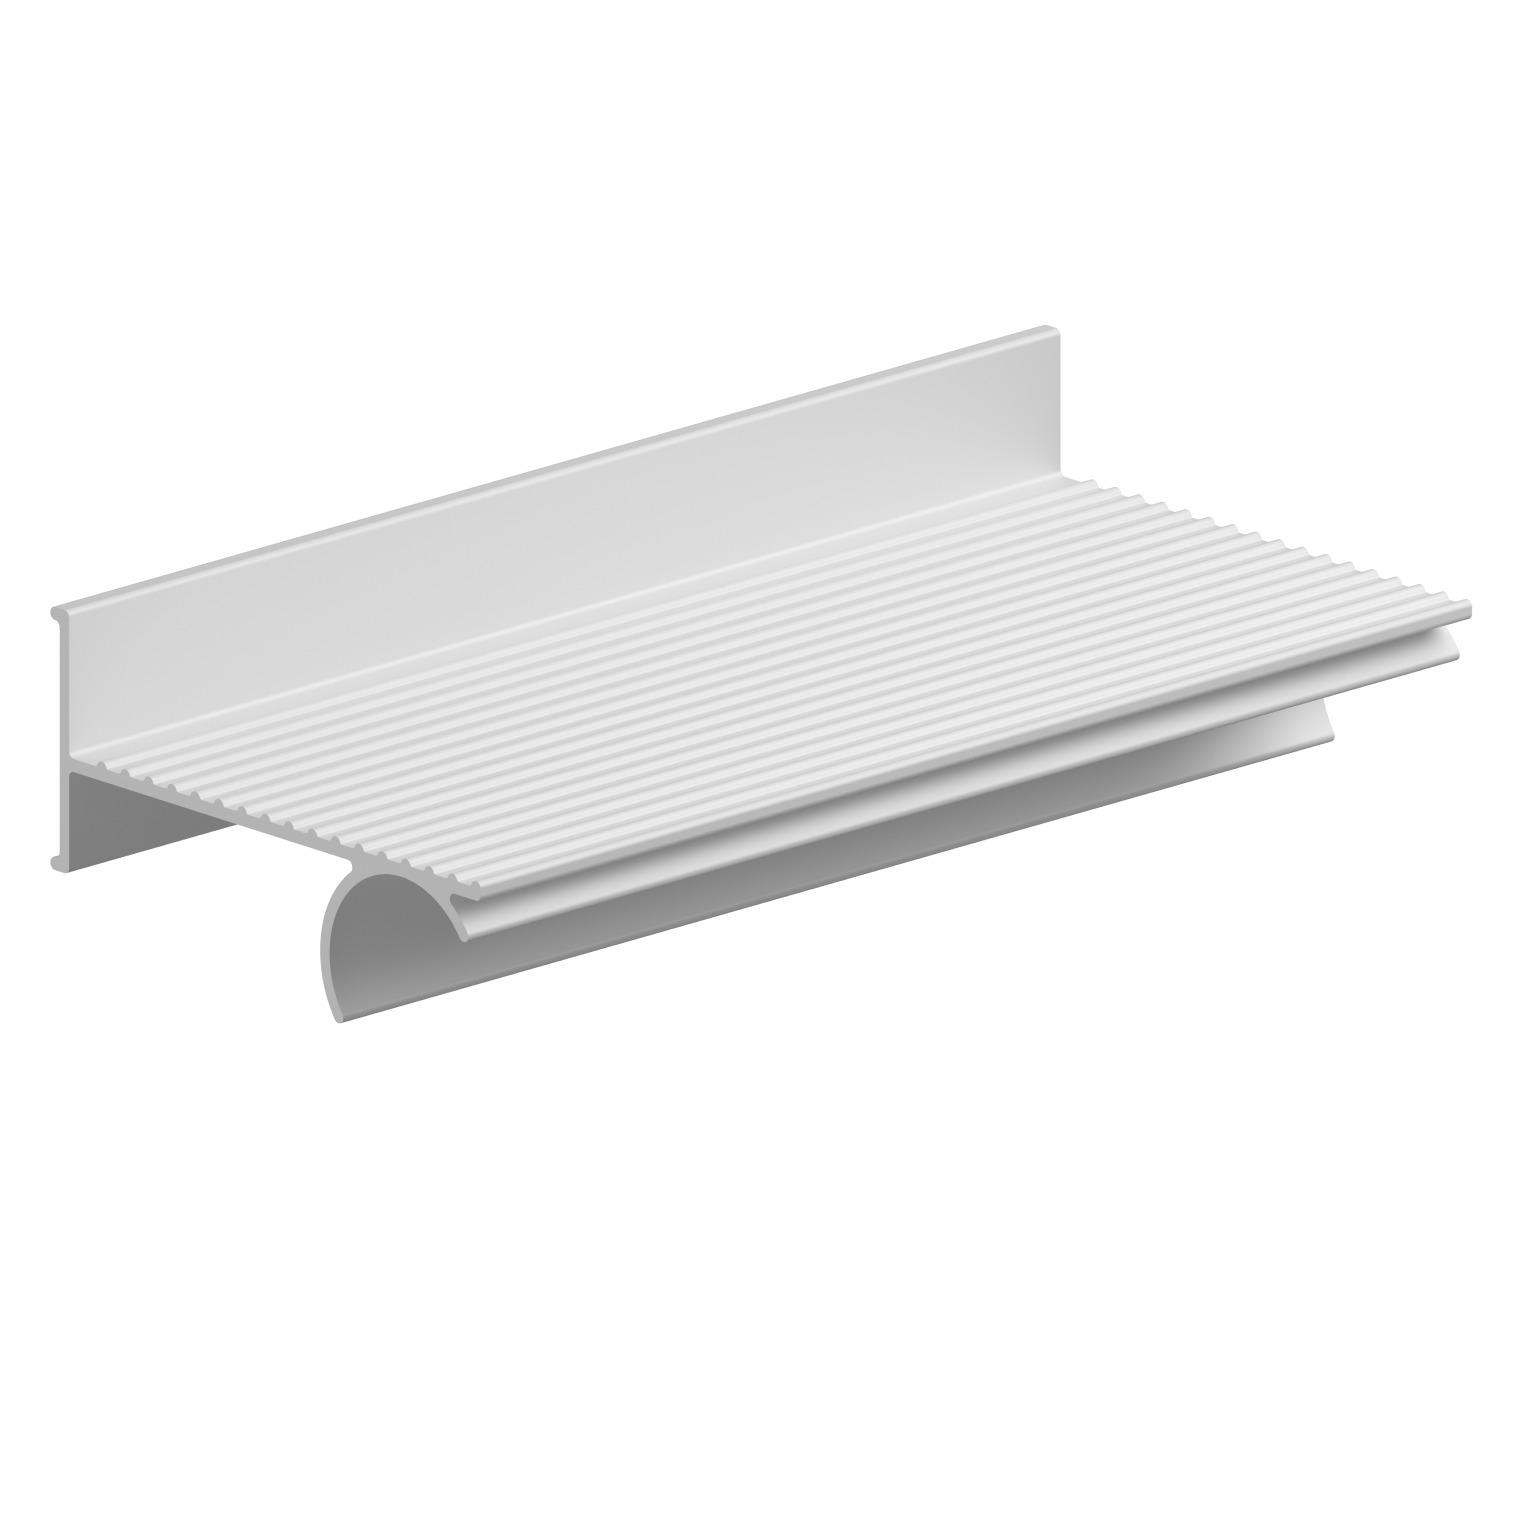 Foto - Seifenablage zum Auflegen auf einen Duschhandlauf, Aluminium eloxiert matt - Artikel L31101000 - Serie Evolution von Lehnen